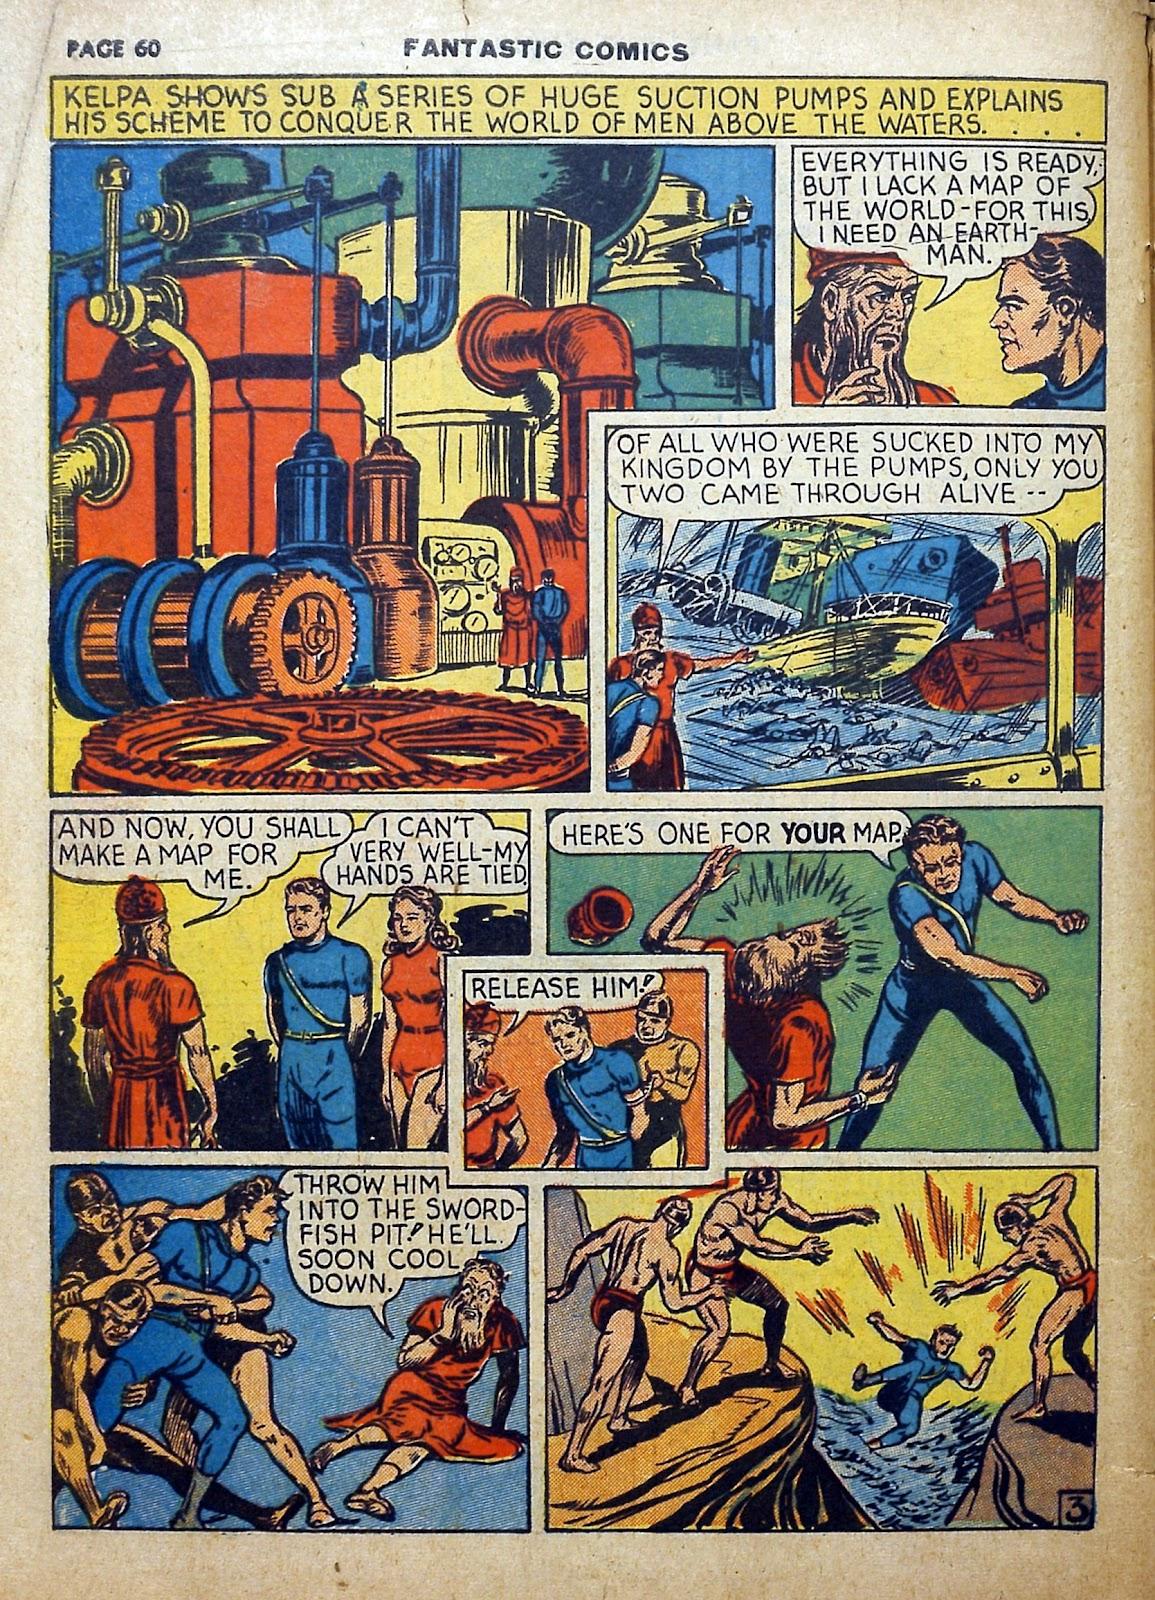 Read online Fantastic Comics comic -  Issue #5 - 61